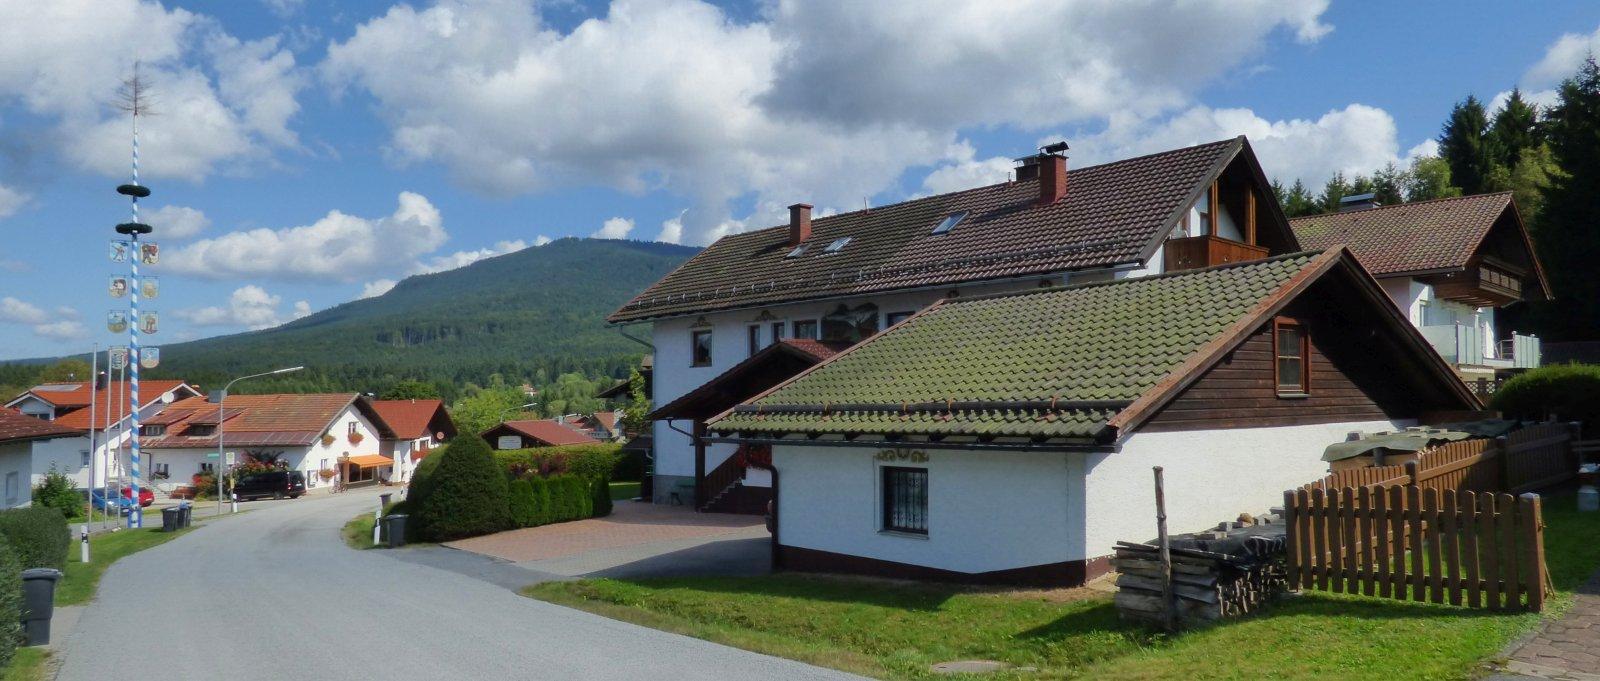 jutta-breitbild-jungwirt-gaestehaus-bayerischer-wald-pension-aussen-ansicht-1600